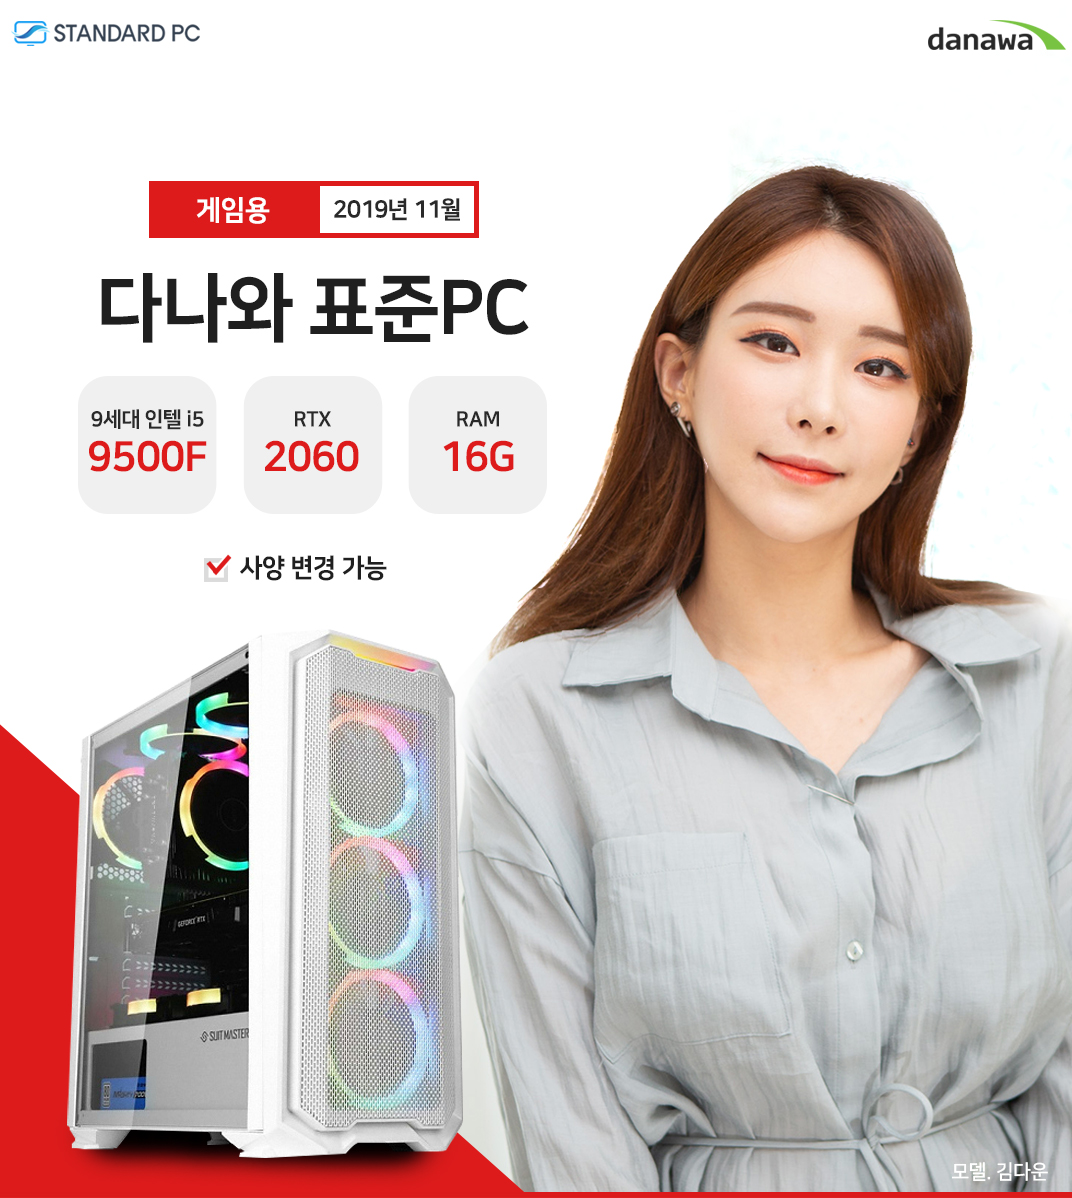 2019년 11월 다나와 표준PC 게이밍용 intel i5-9세대 9500F RTX2060 RAM 16G 모델 문가경